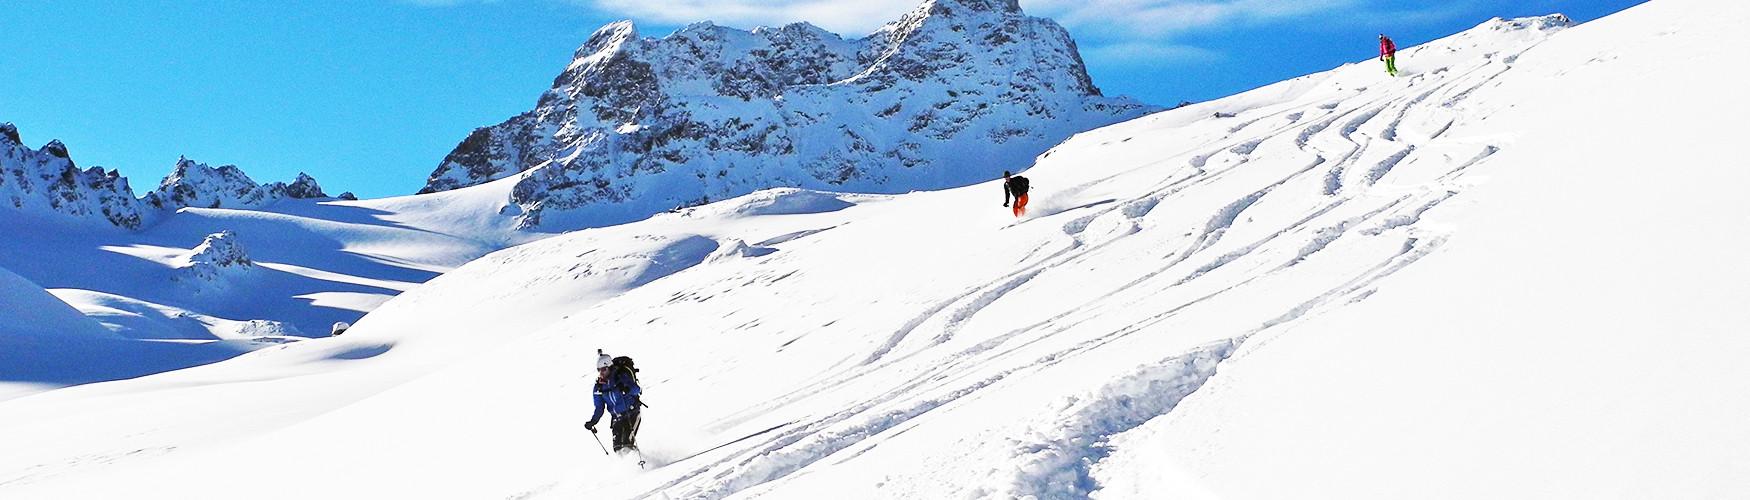 Skidurchquerung Engadin, Skitour Schweiz